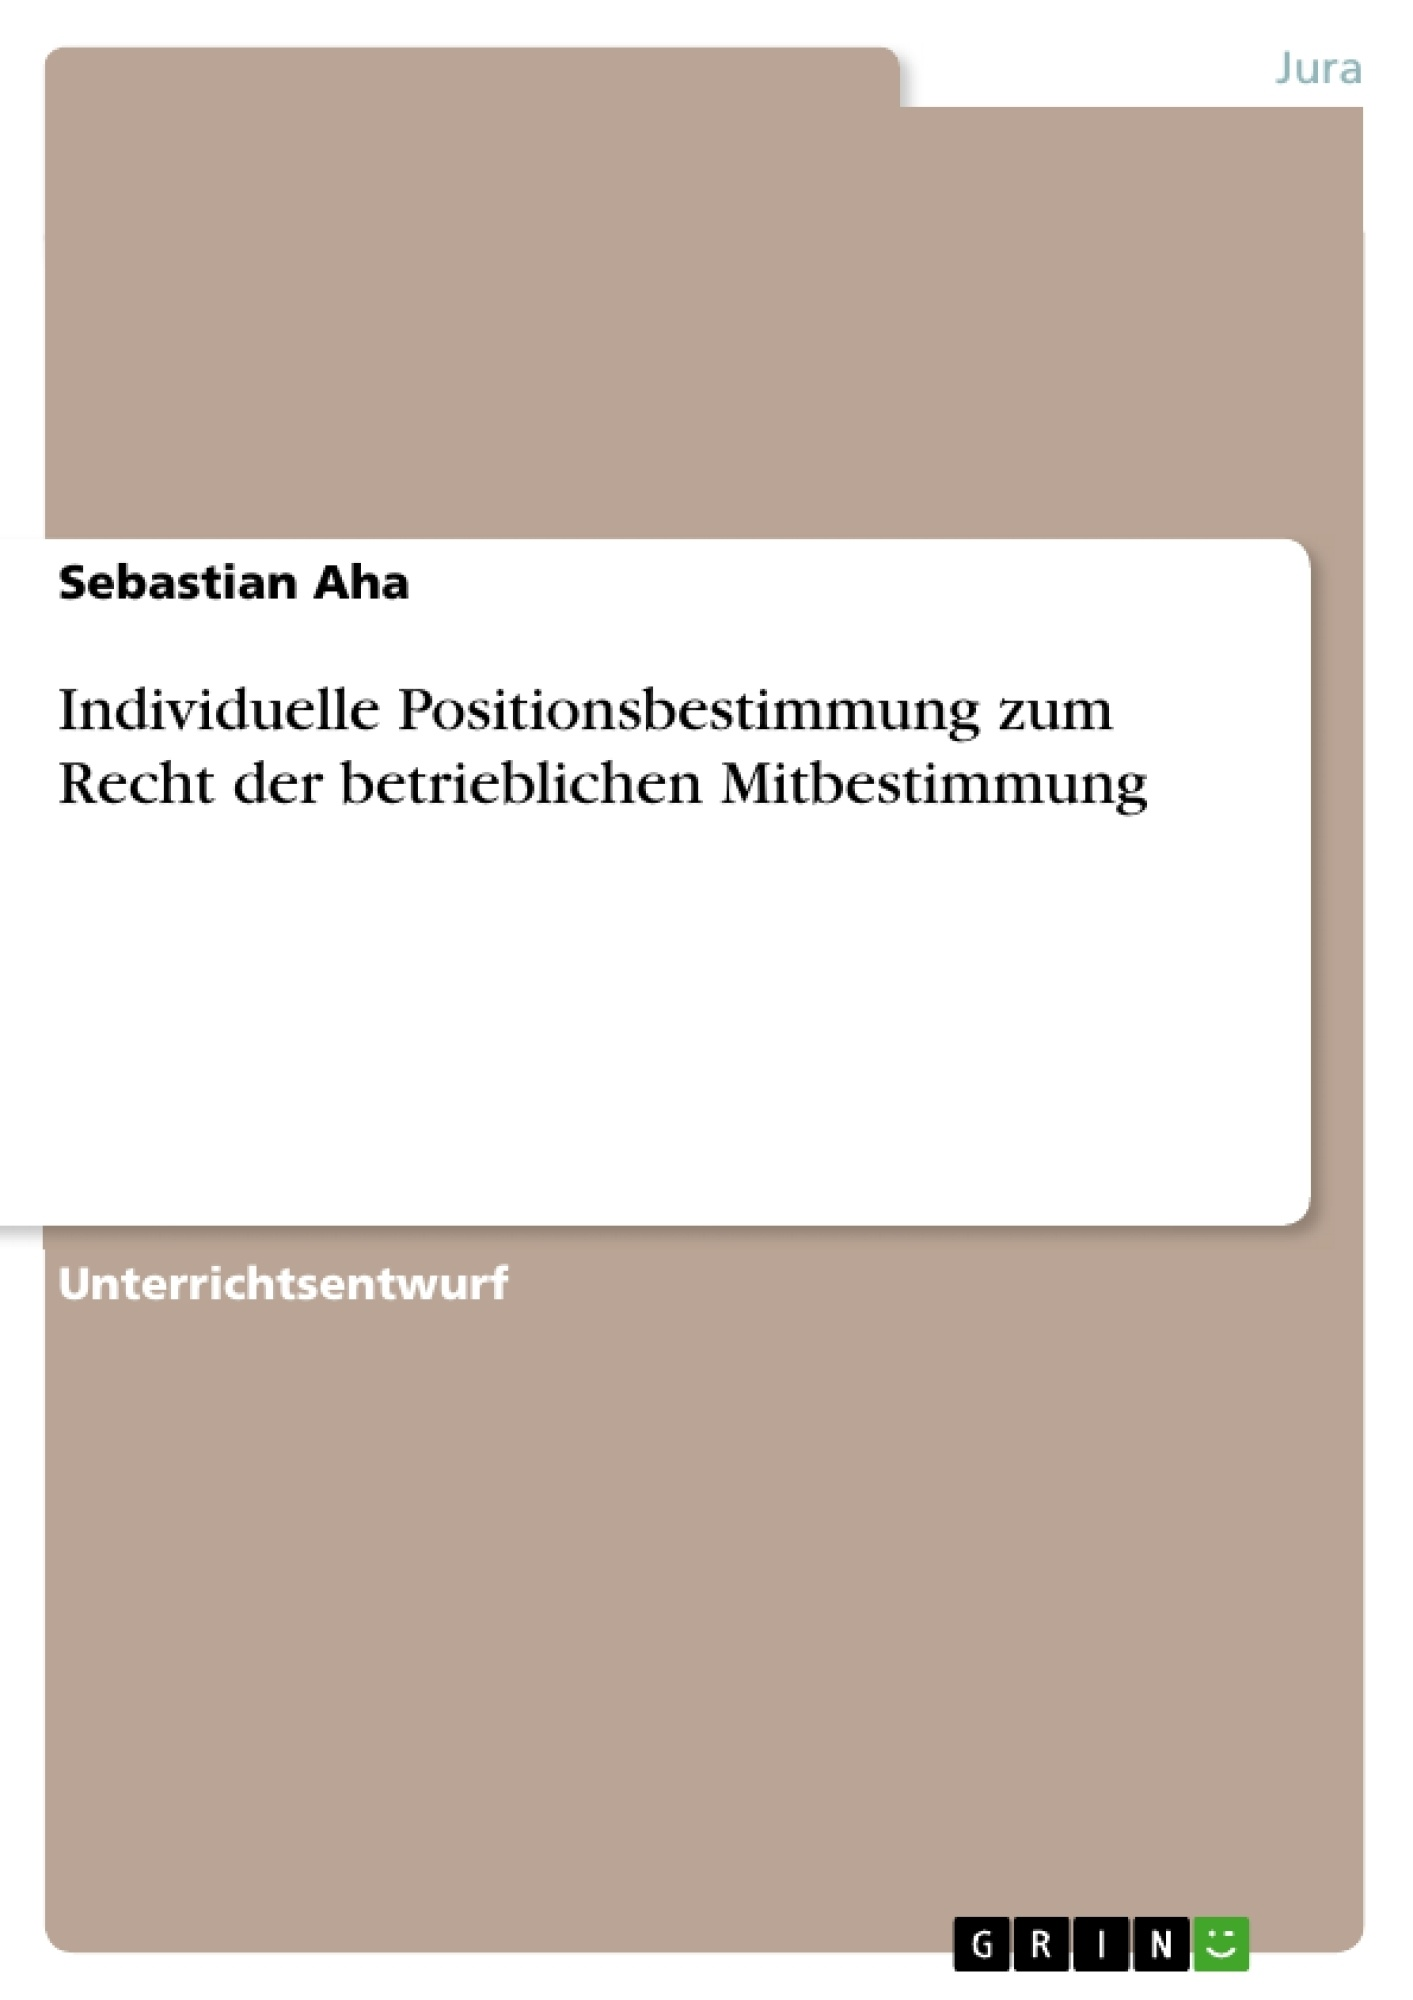 Titel: Individuelle Positionsbestimmung zum Recht der betrieblichen Mitbestimmung